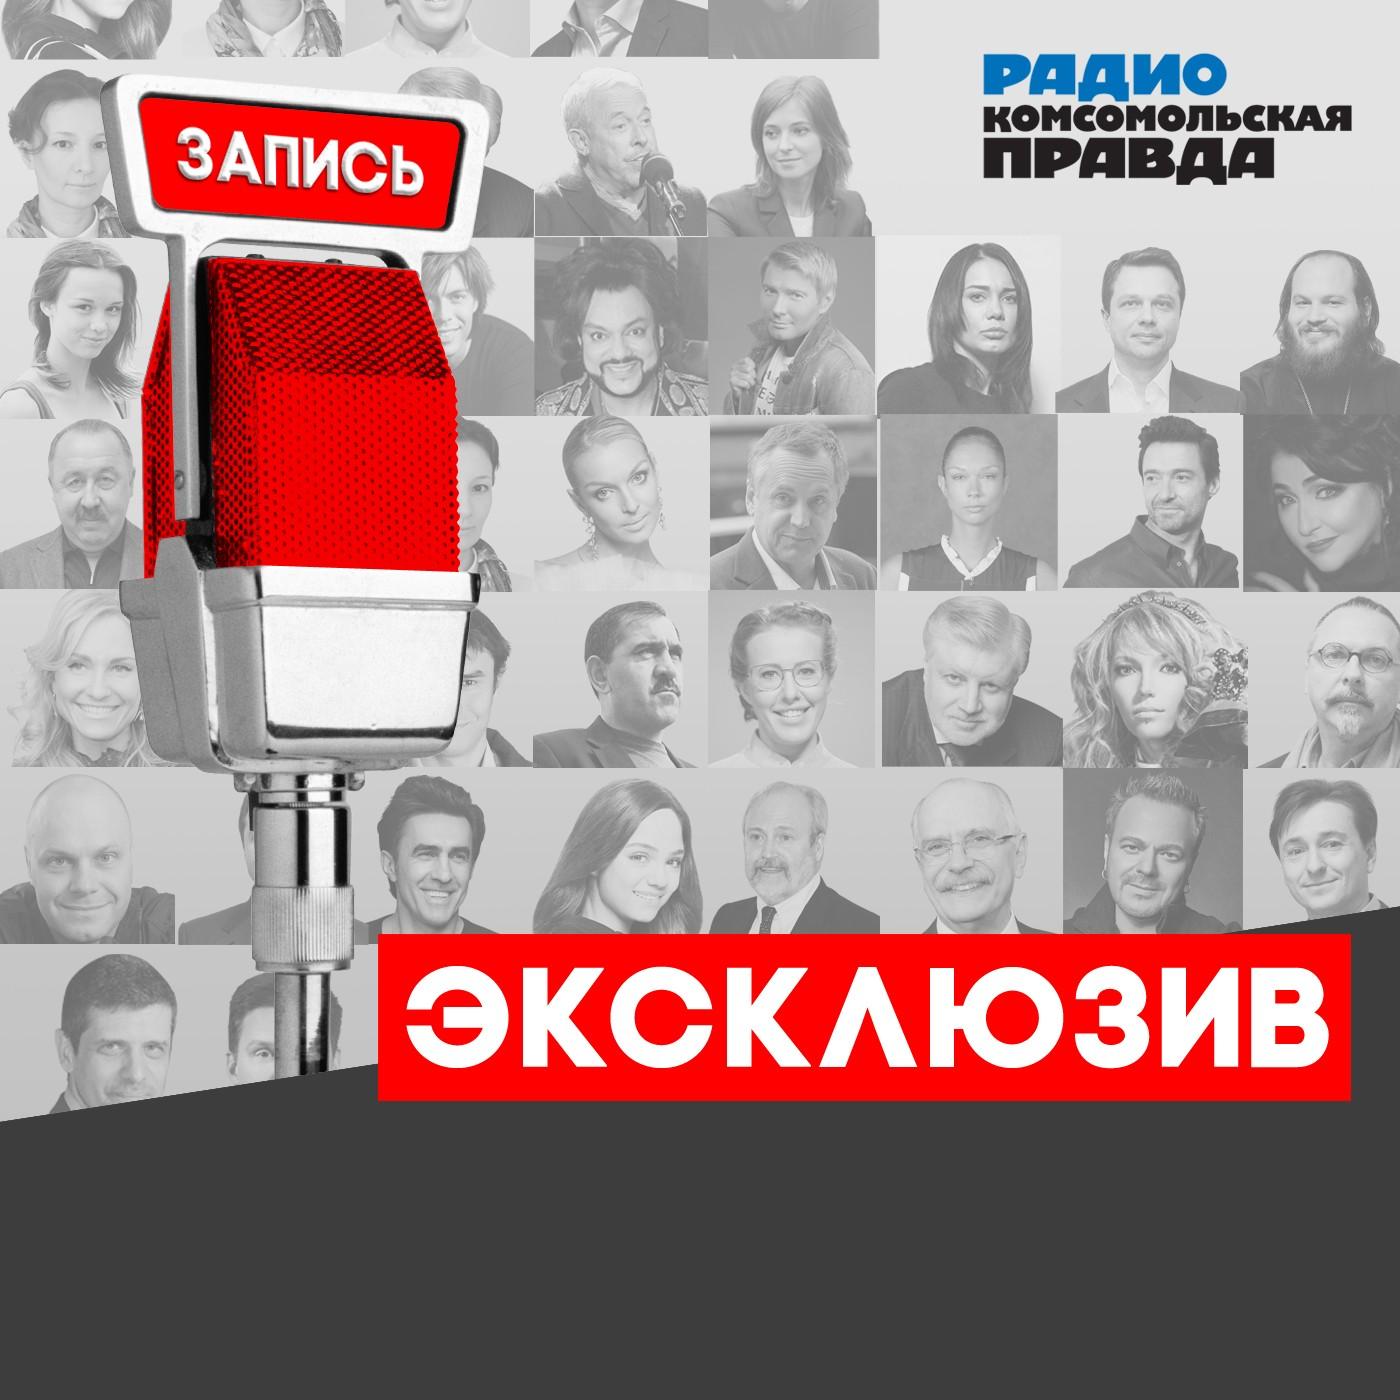 Радио «Комсомольская правда» Захар Прилепин: Донецк позволяет себе улыбаться, и это один из принципов поведения прилепин захар непохожие поэты